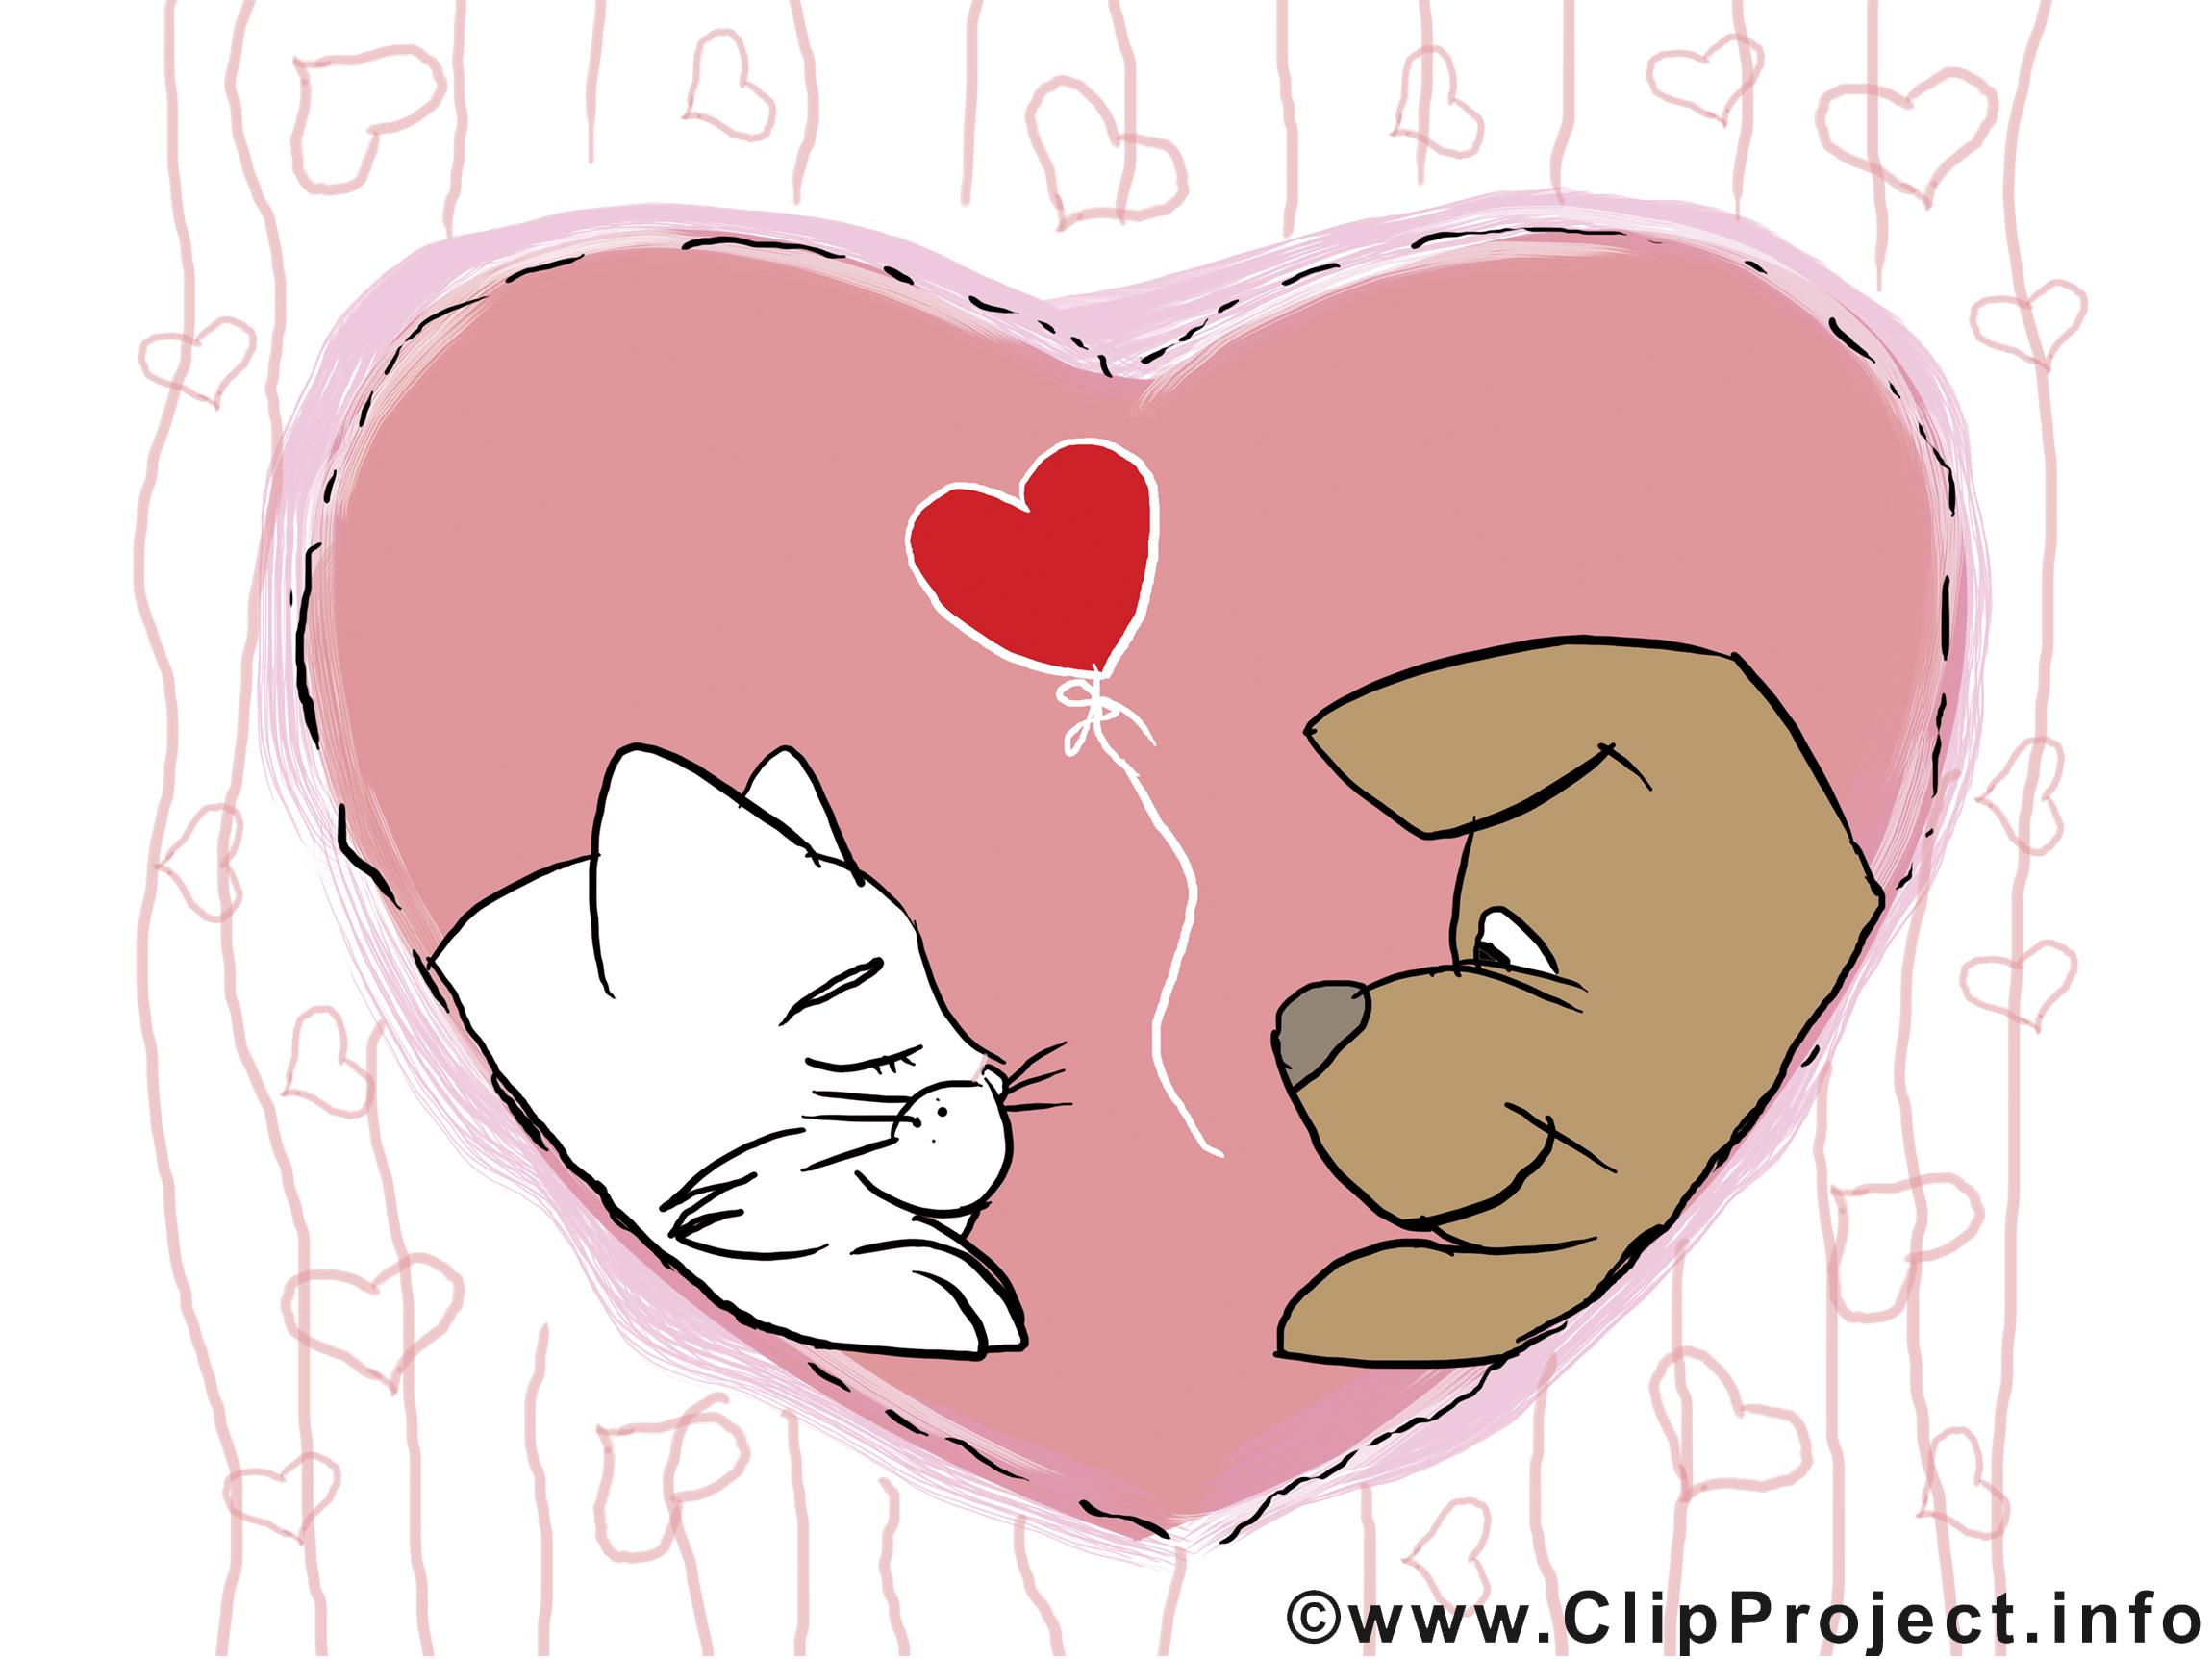 Chien et chat dessin gratuit saint valentin saint - Image st valentin a telecharger gratuitement ...